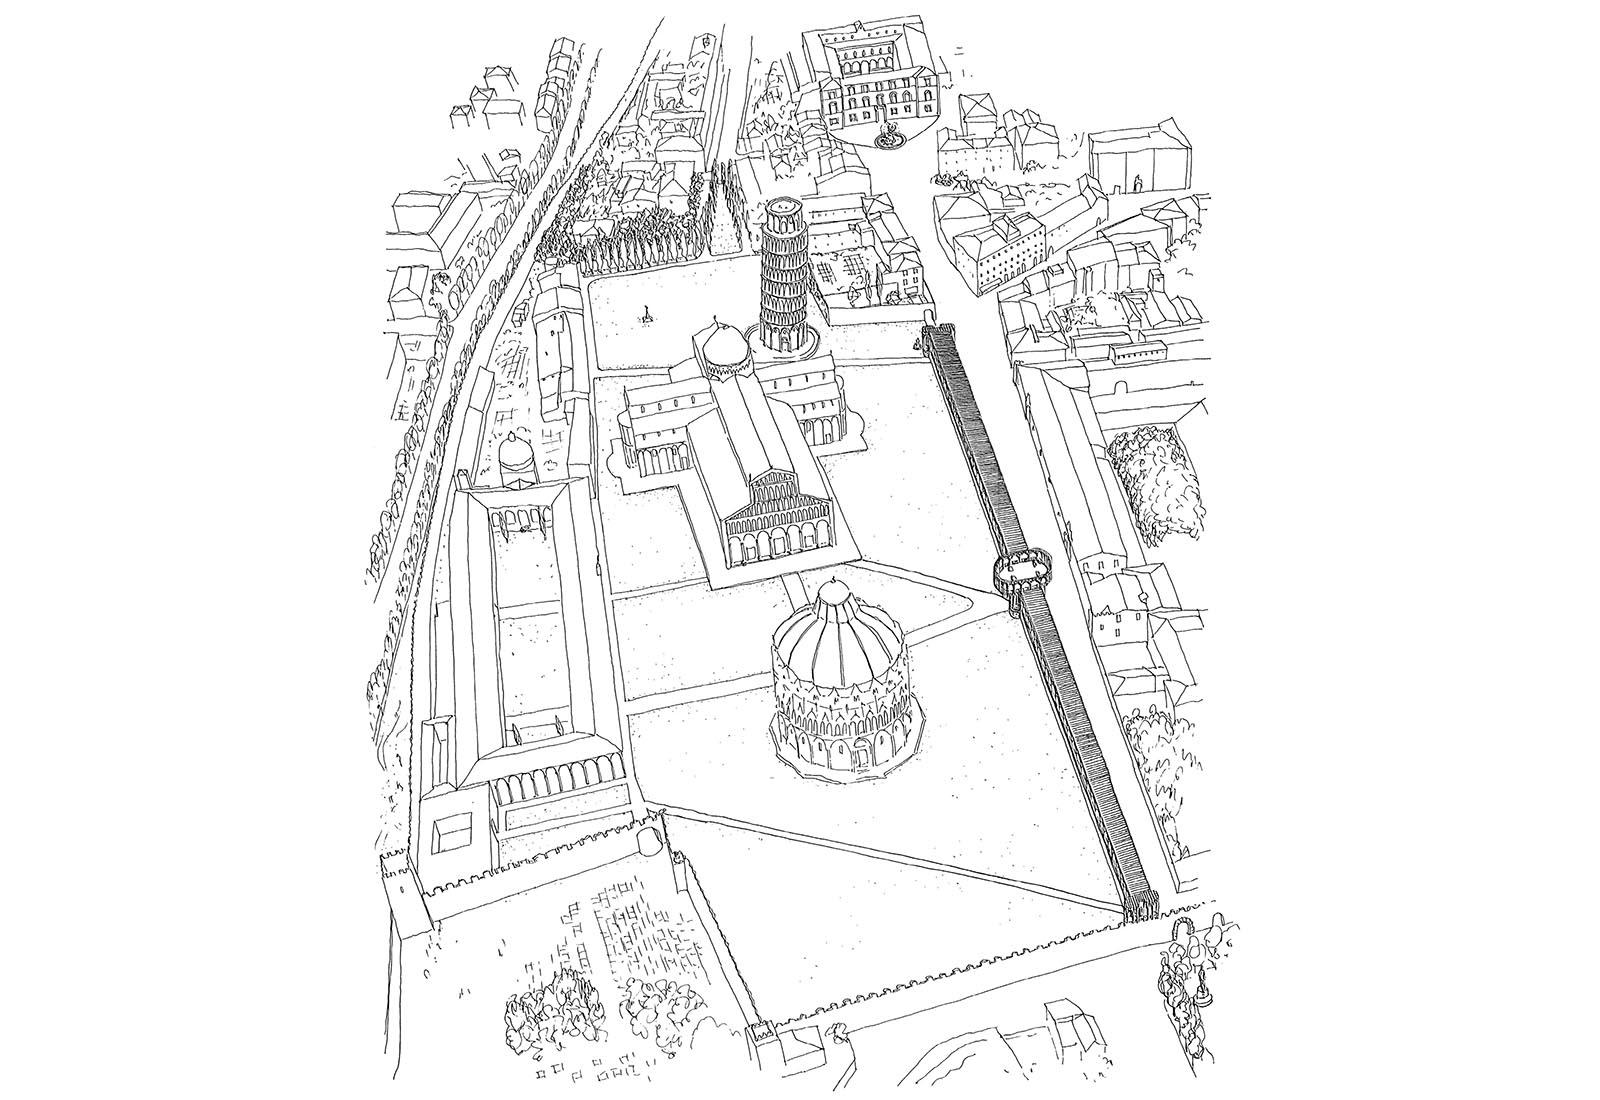 Concorso piazza dei miracoli a Pisa - Vista d'assieme